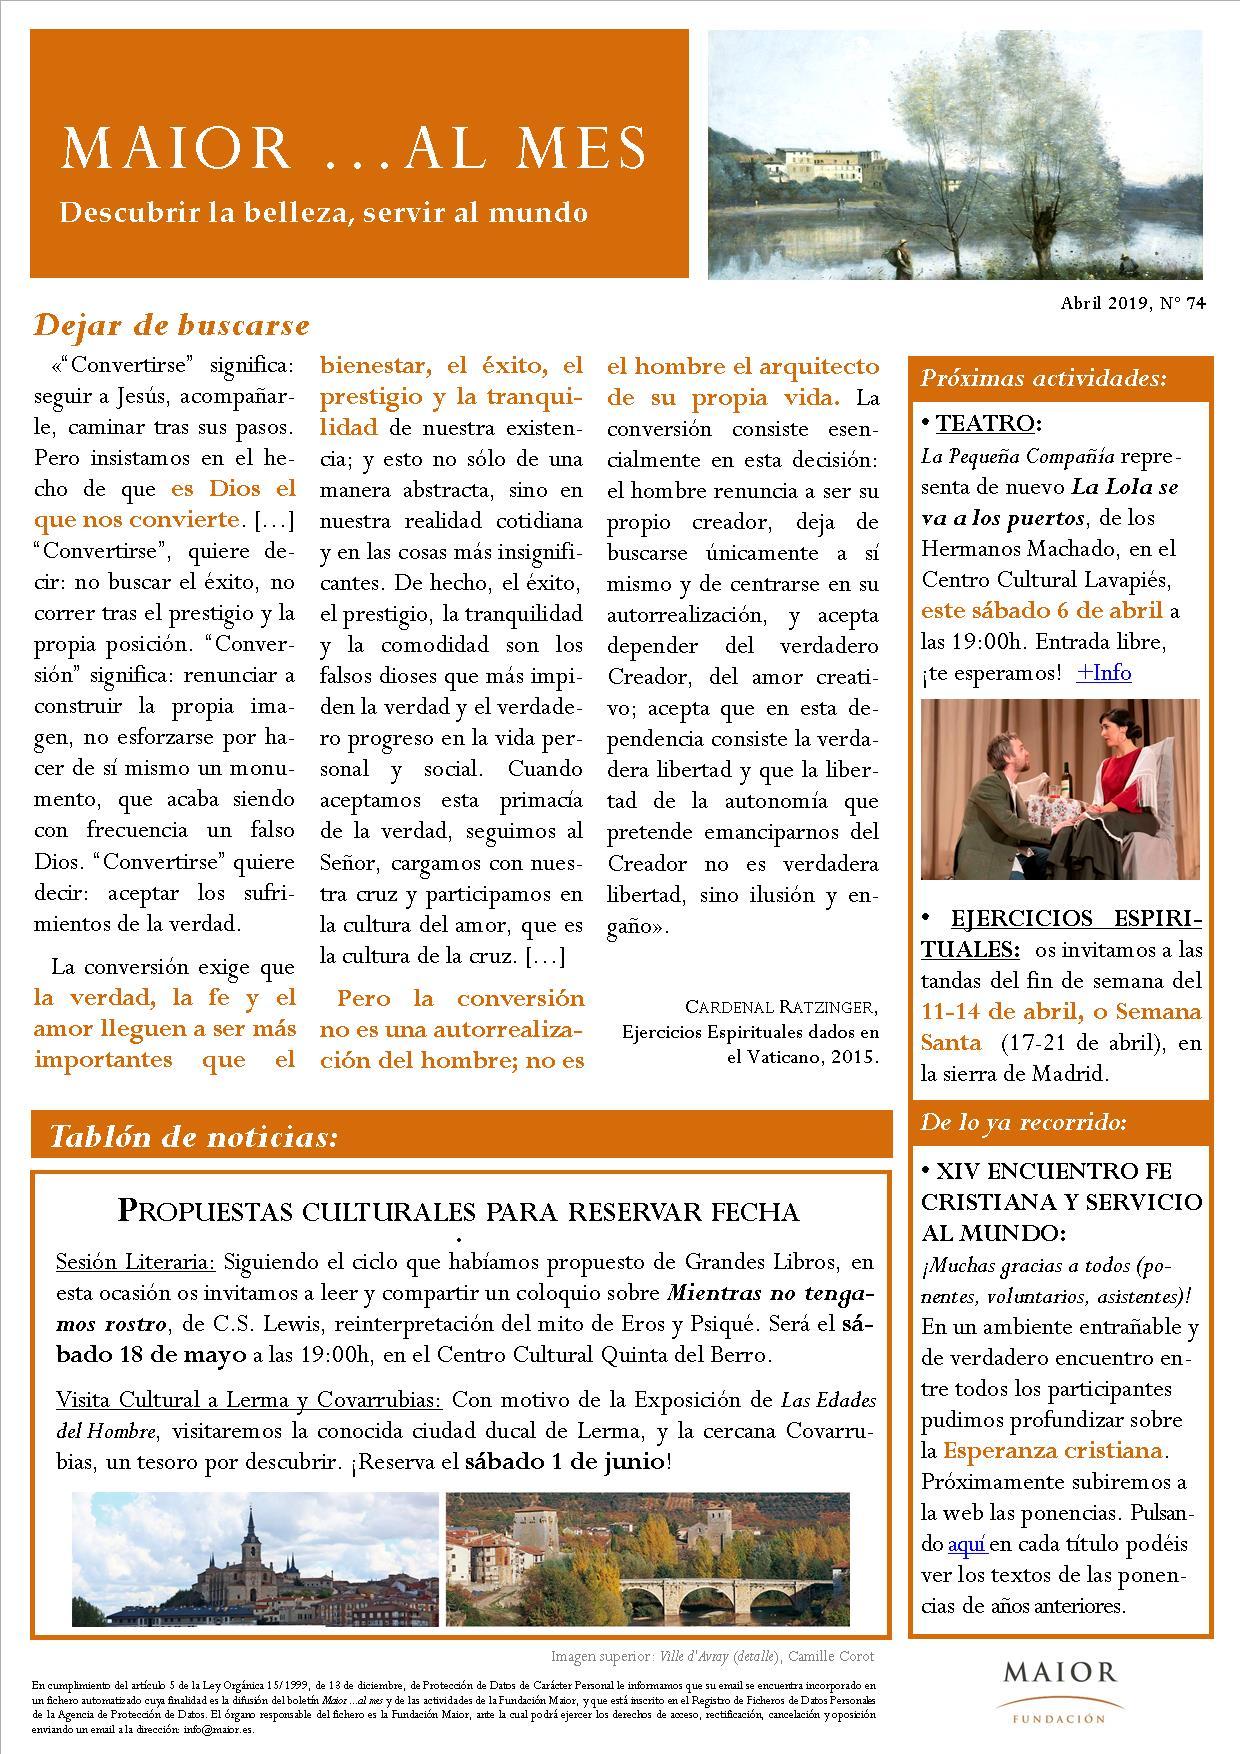 Boletín mensual de noticias y actividades de la Fundación Maior. Edición de abril 2019